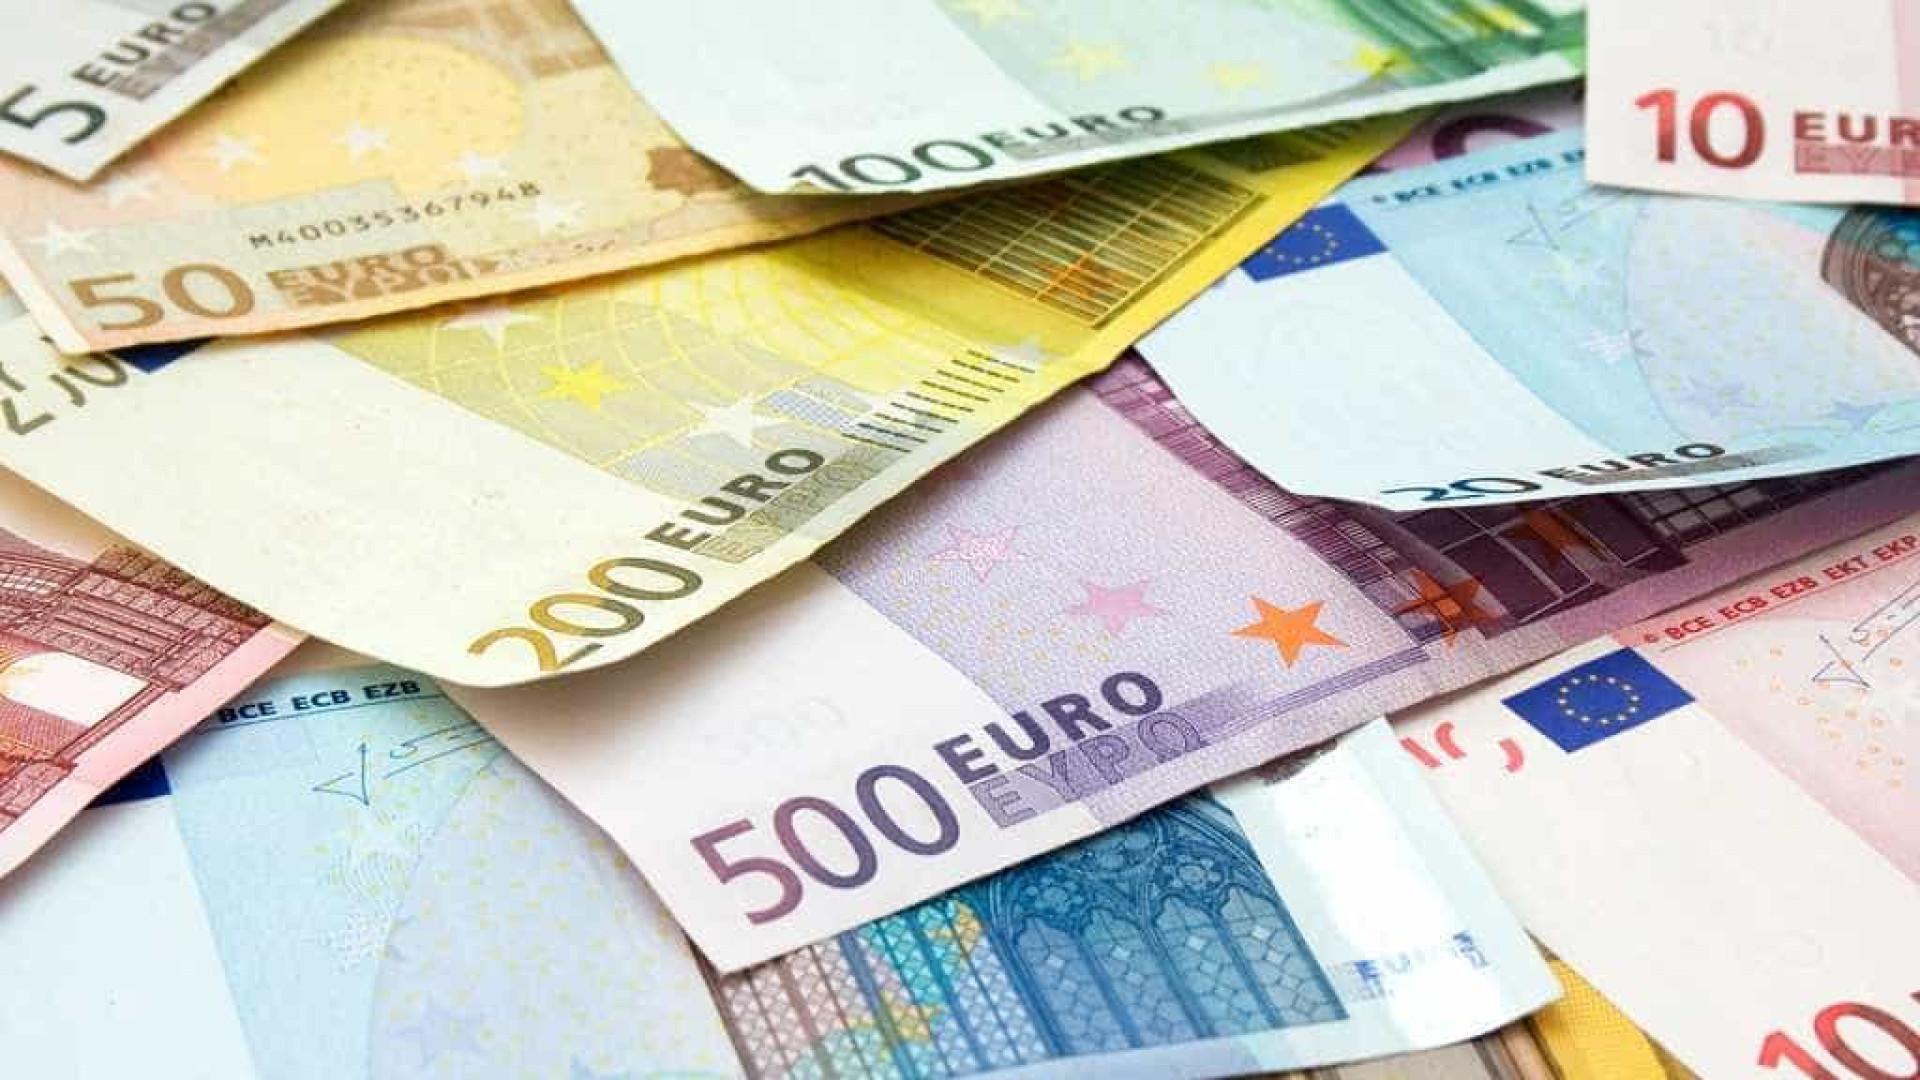 Dívida de Portugal mais cara em todos os prazos